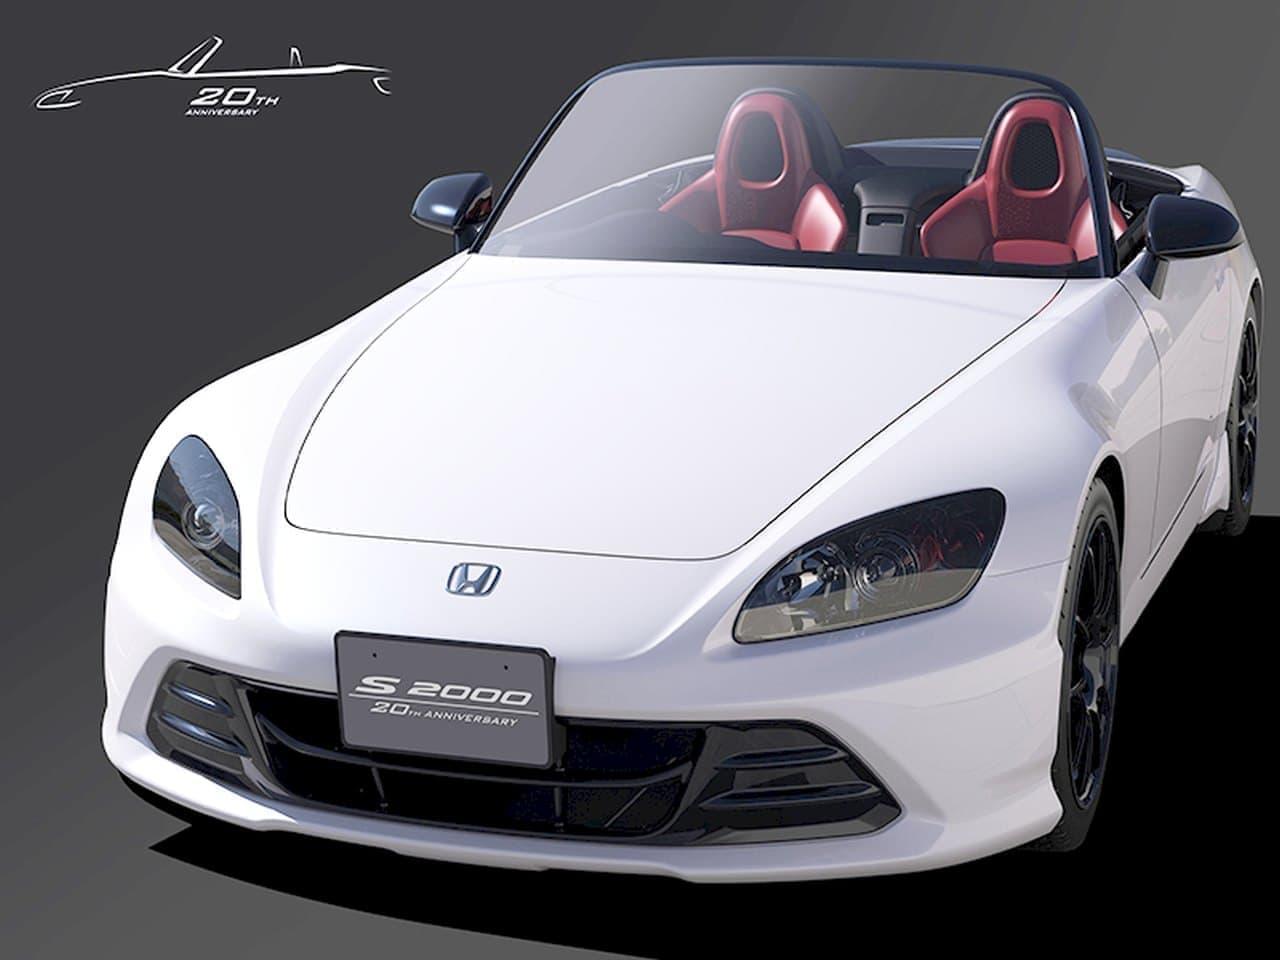 ホンダ「S2000」誕生20周年を記念した「20th Anniversary Prototype」、東京オートサロンに